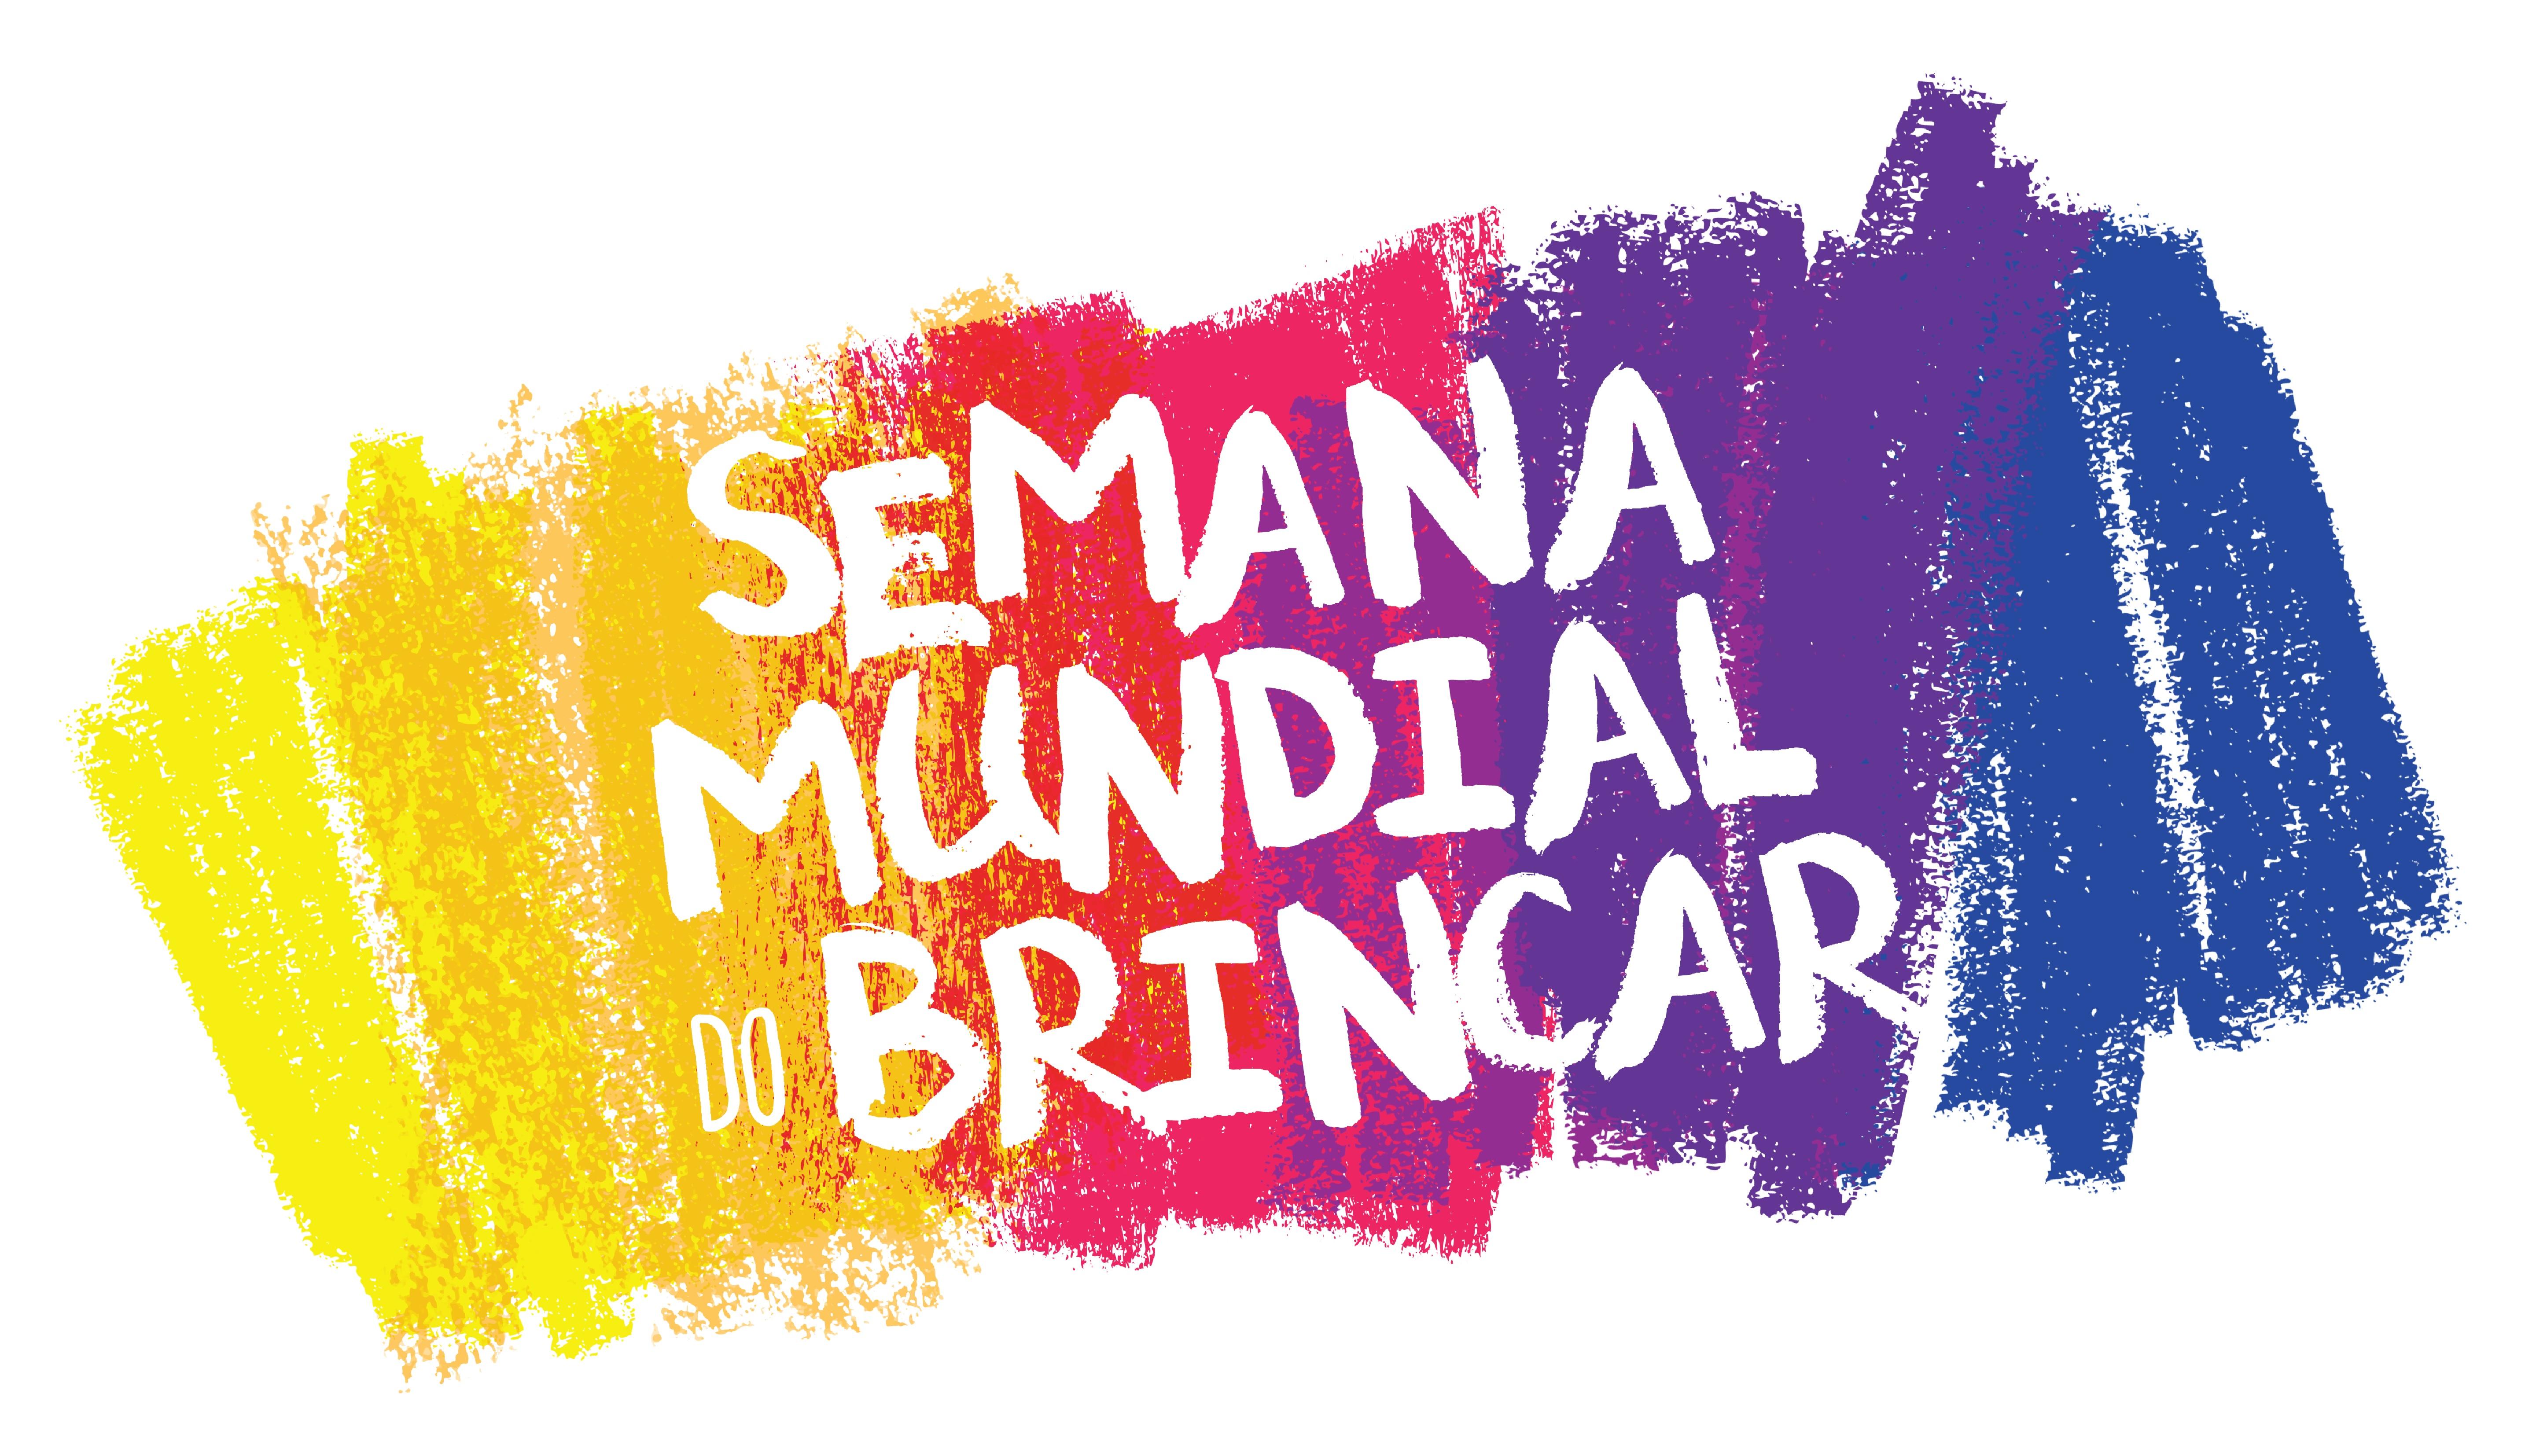 Catavento celebra Semana Mundial do Brincar com programação especial